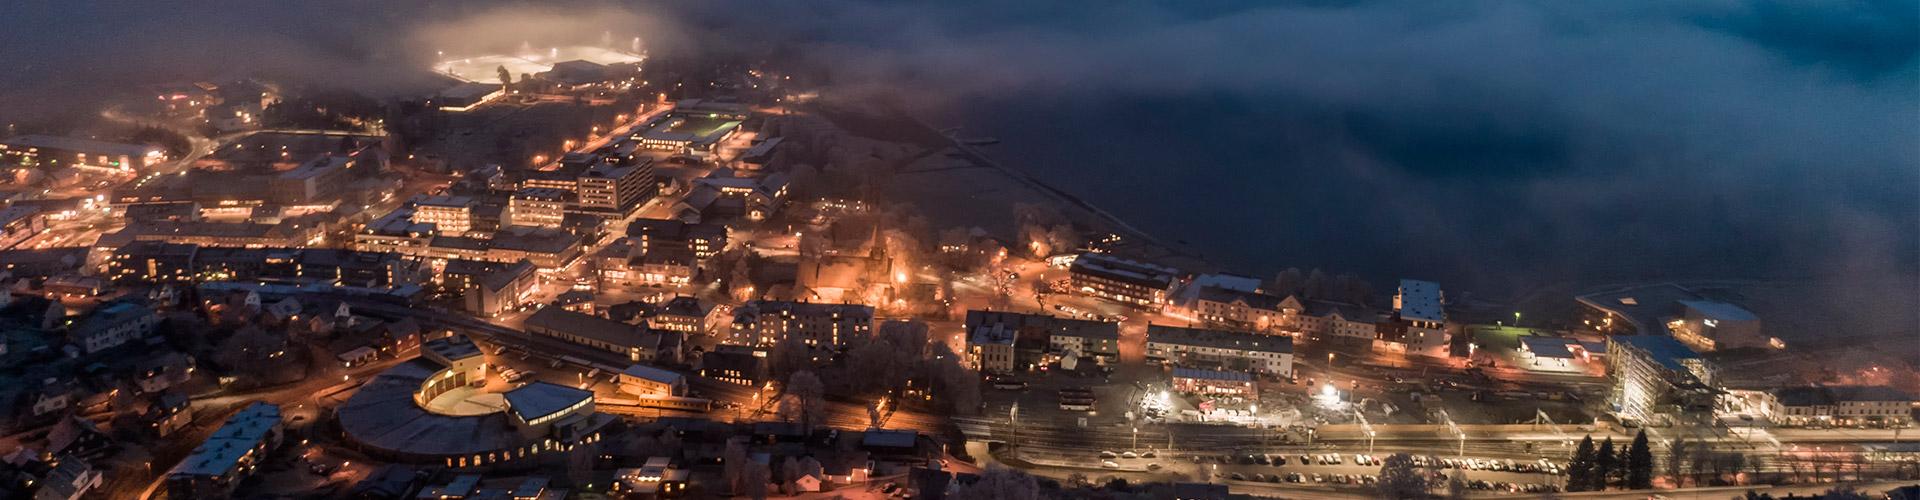 Hordaland, Norvegia - Europa